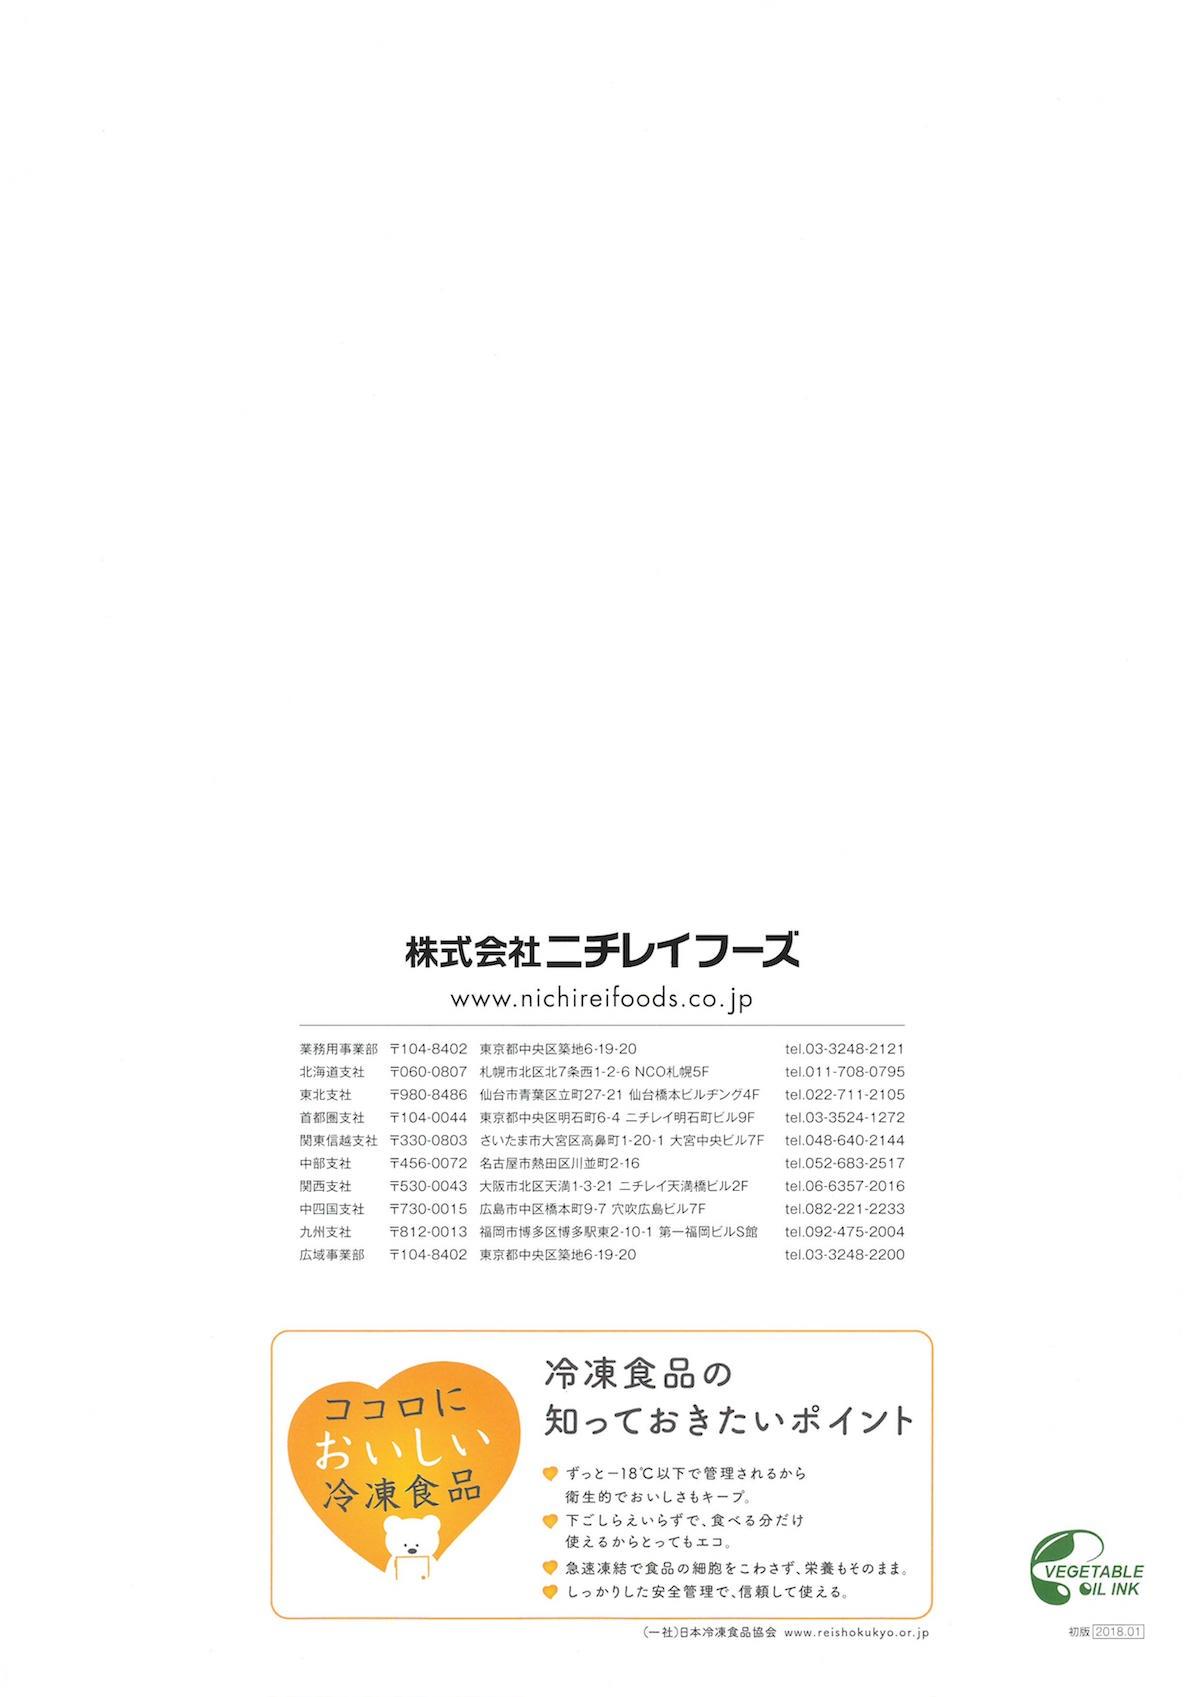 ニチレイフーズ総合商品カタログ2018 春・夏期業務用 冷凍・常温商品 NICHIREI CATALOG2018